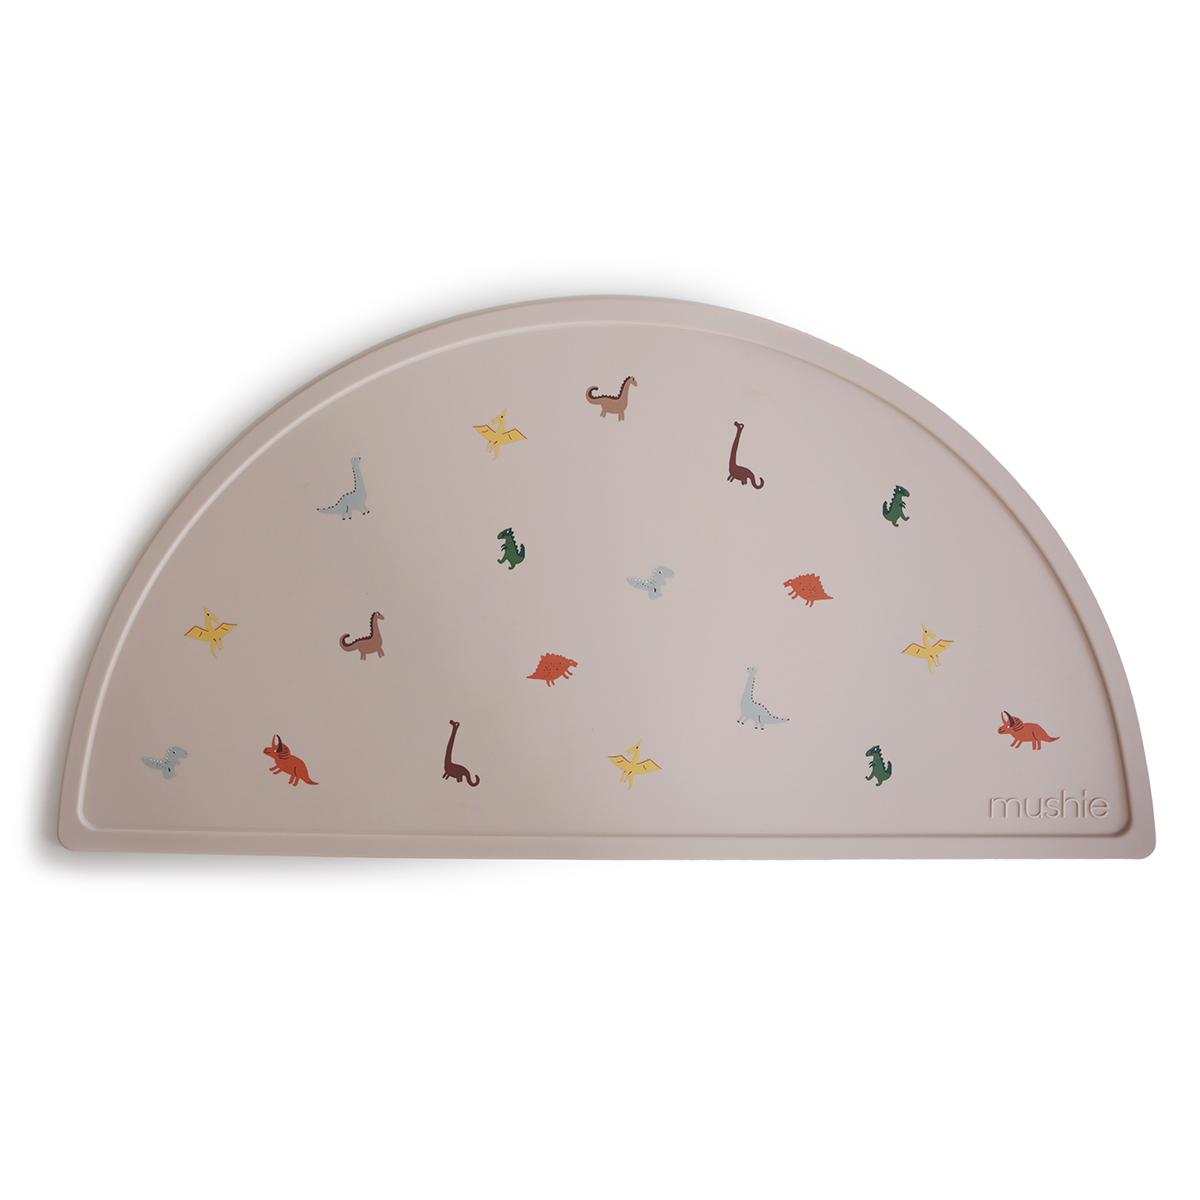 Vaisselle & Couvert Set de Table Mushie - Beige et Dinosaures Set de Table Mushie - Beige et Dinosaures